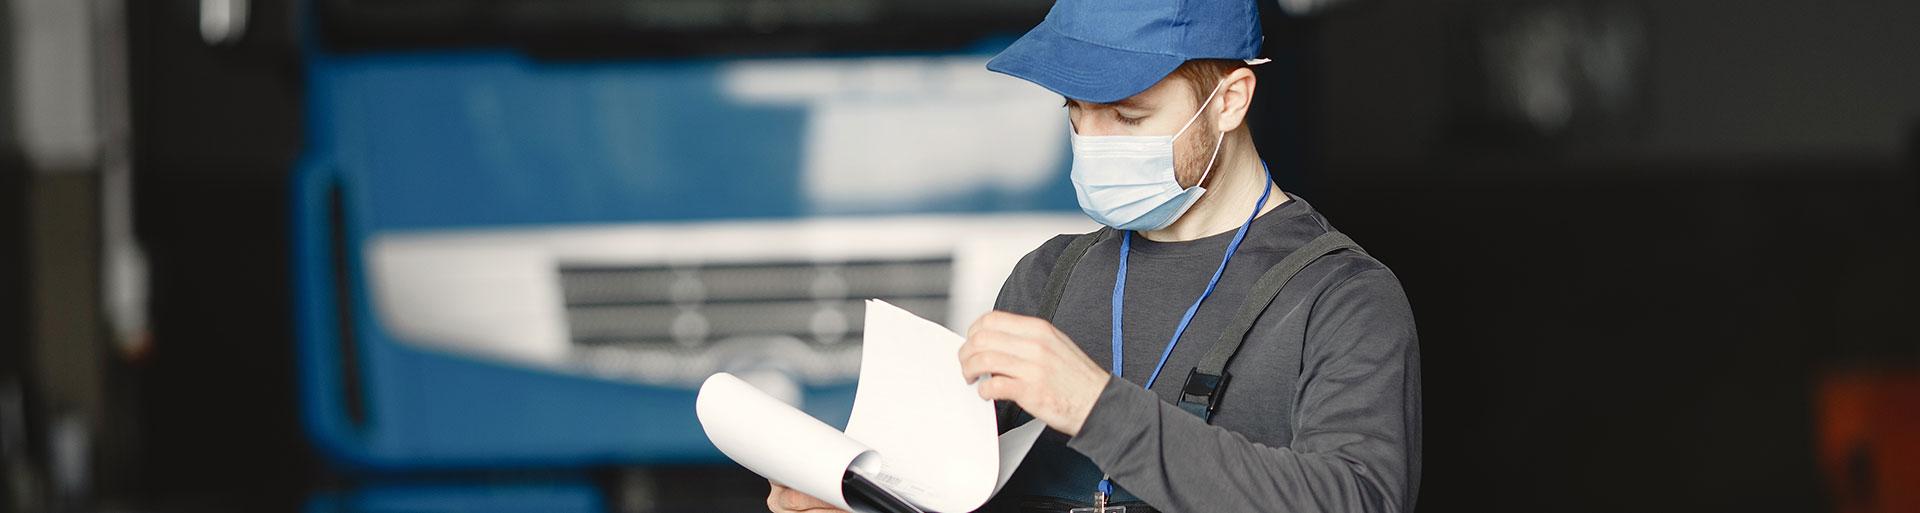 motorista com documento nas mãos em frente a um caminhão